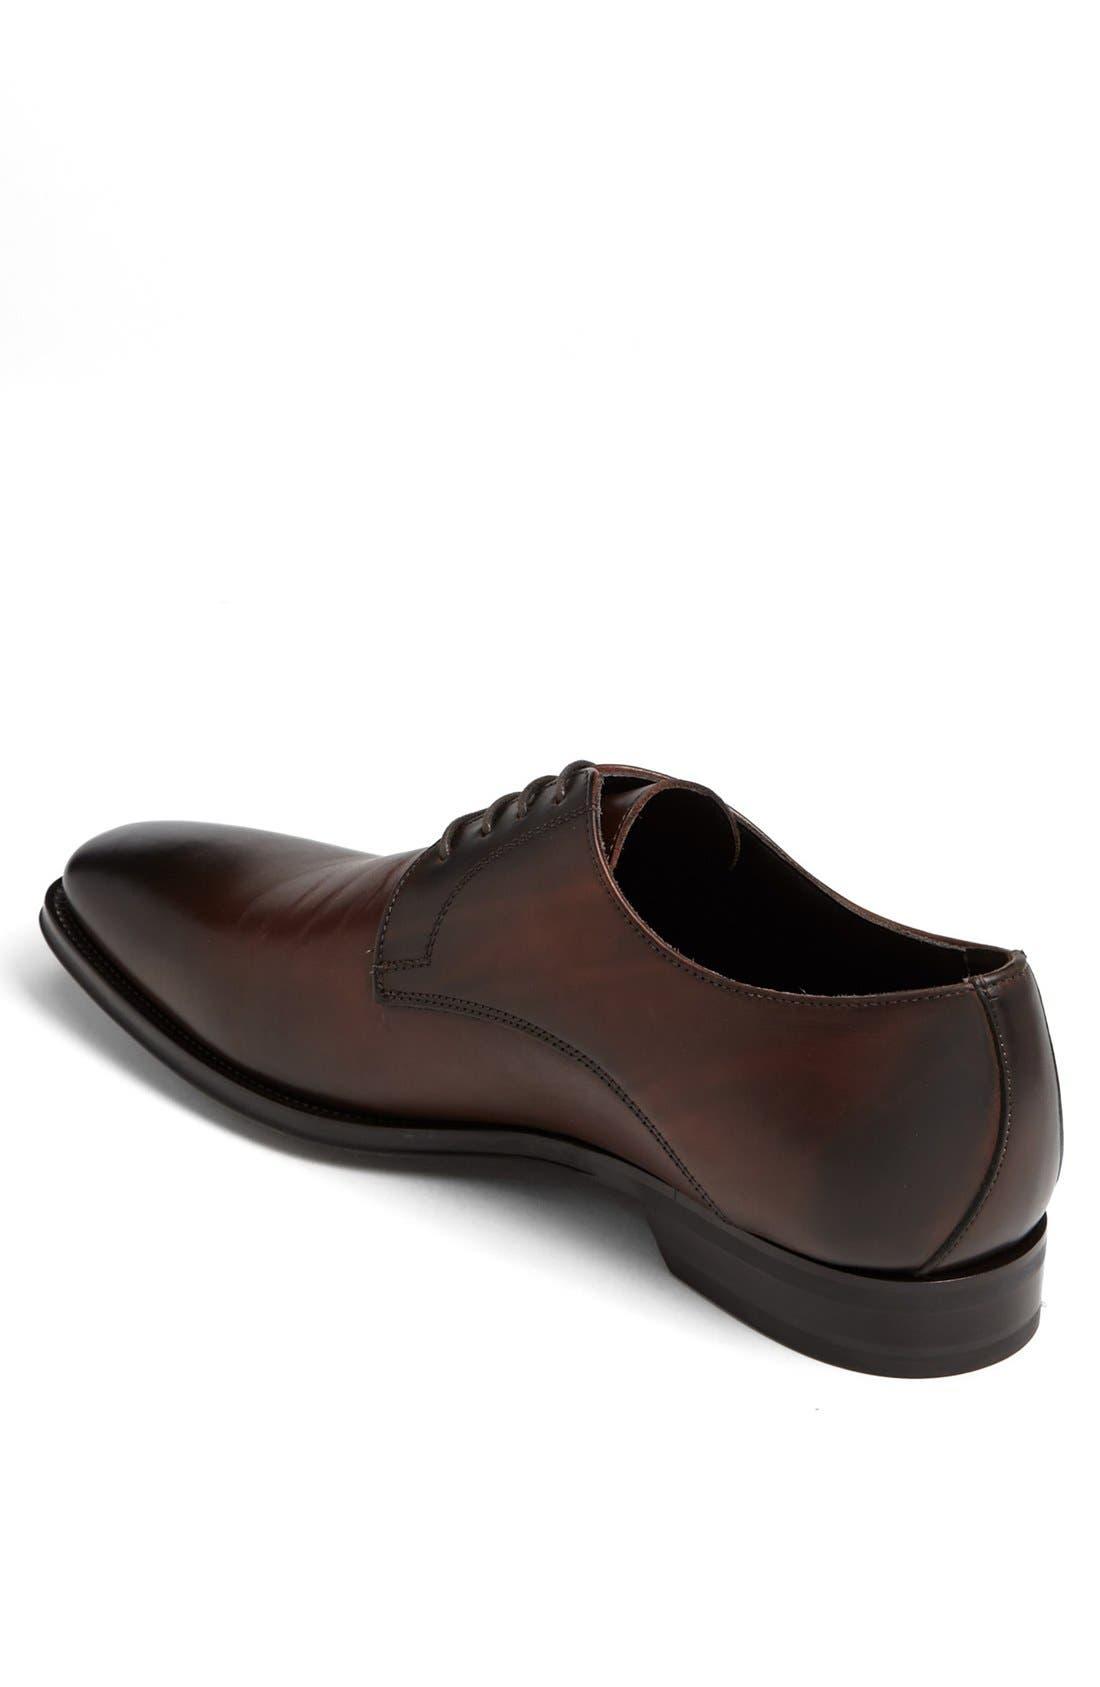 Alternate Image 2  - To Boot New York 'Felix' Plain Toe Derby (Men)